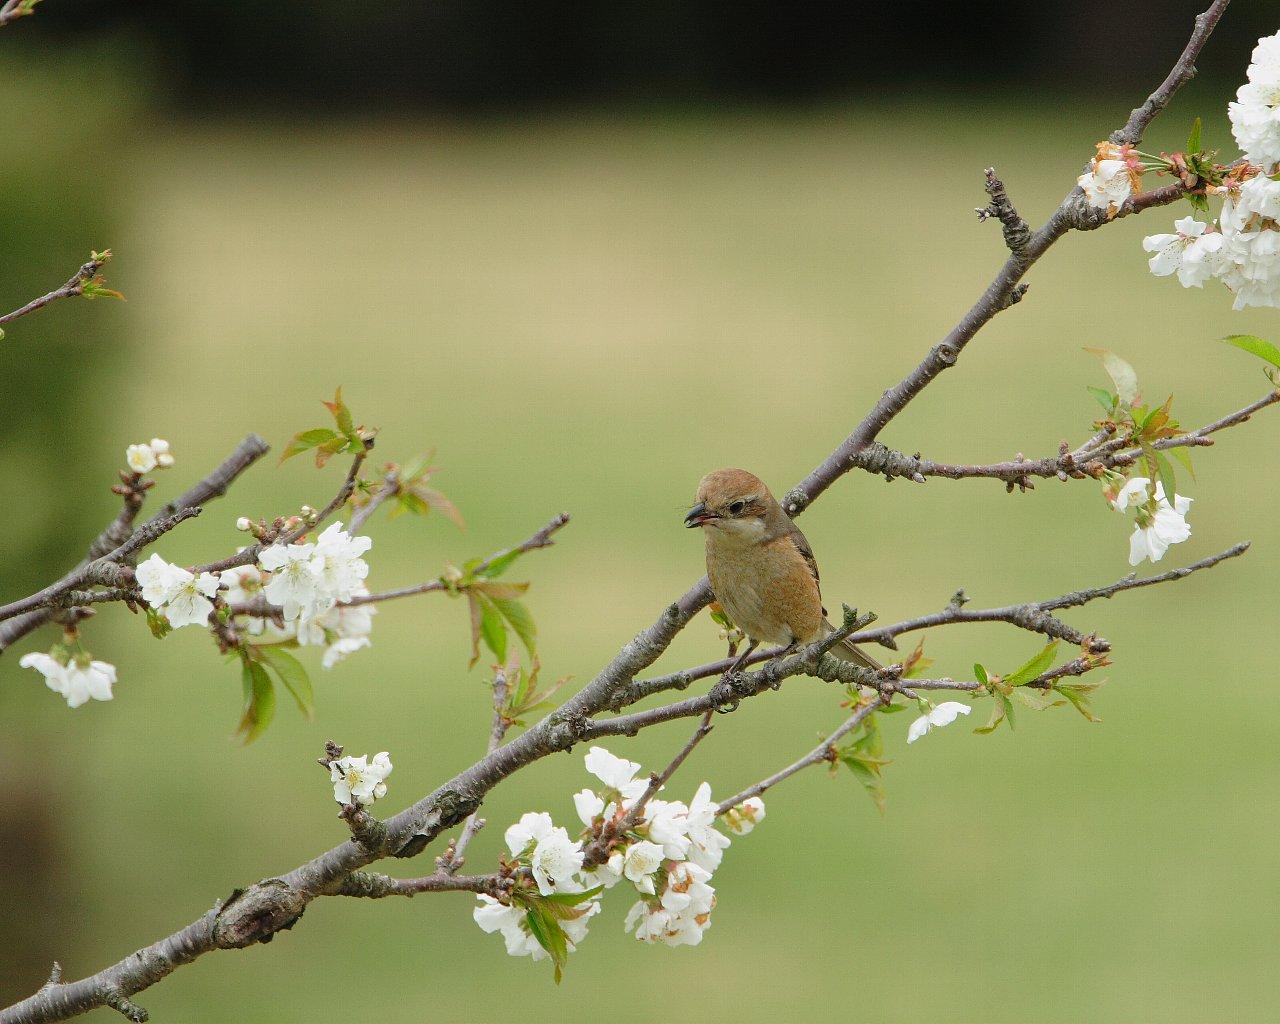 お花見で暫し休息するモズお母さん?(山桜と野鳥の綺麗な壁紙)_f0105570_9292450.jpg